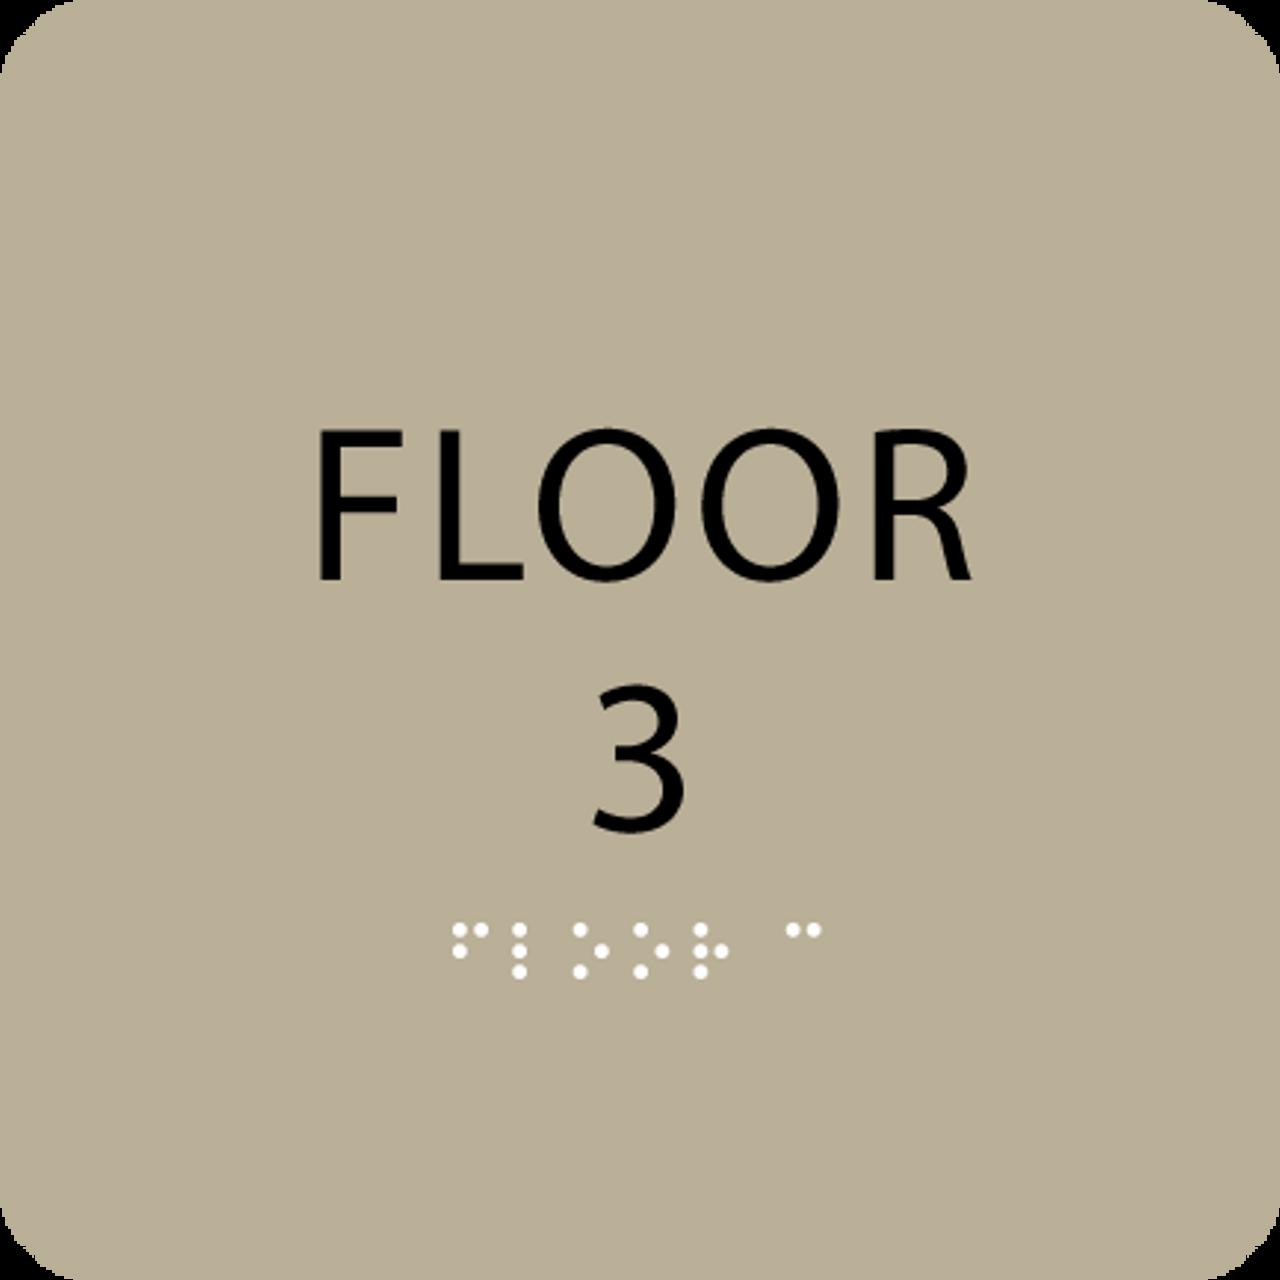 Brown Floor 3 Number Sign